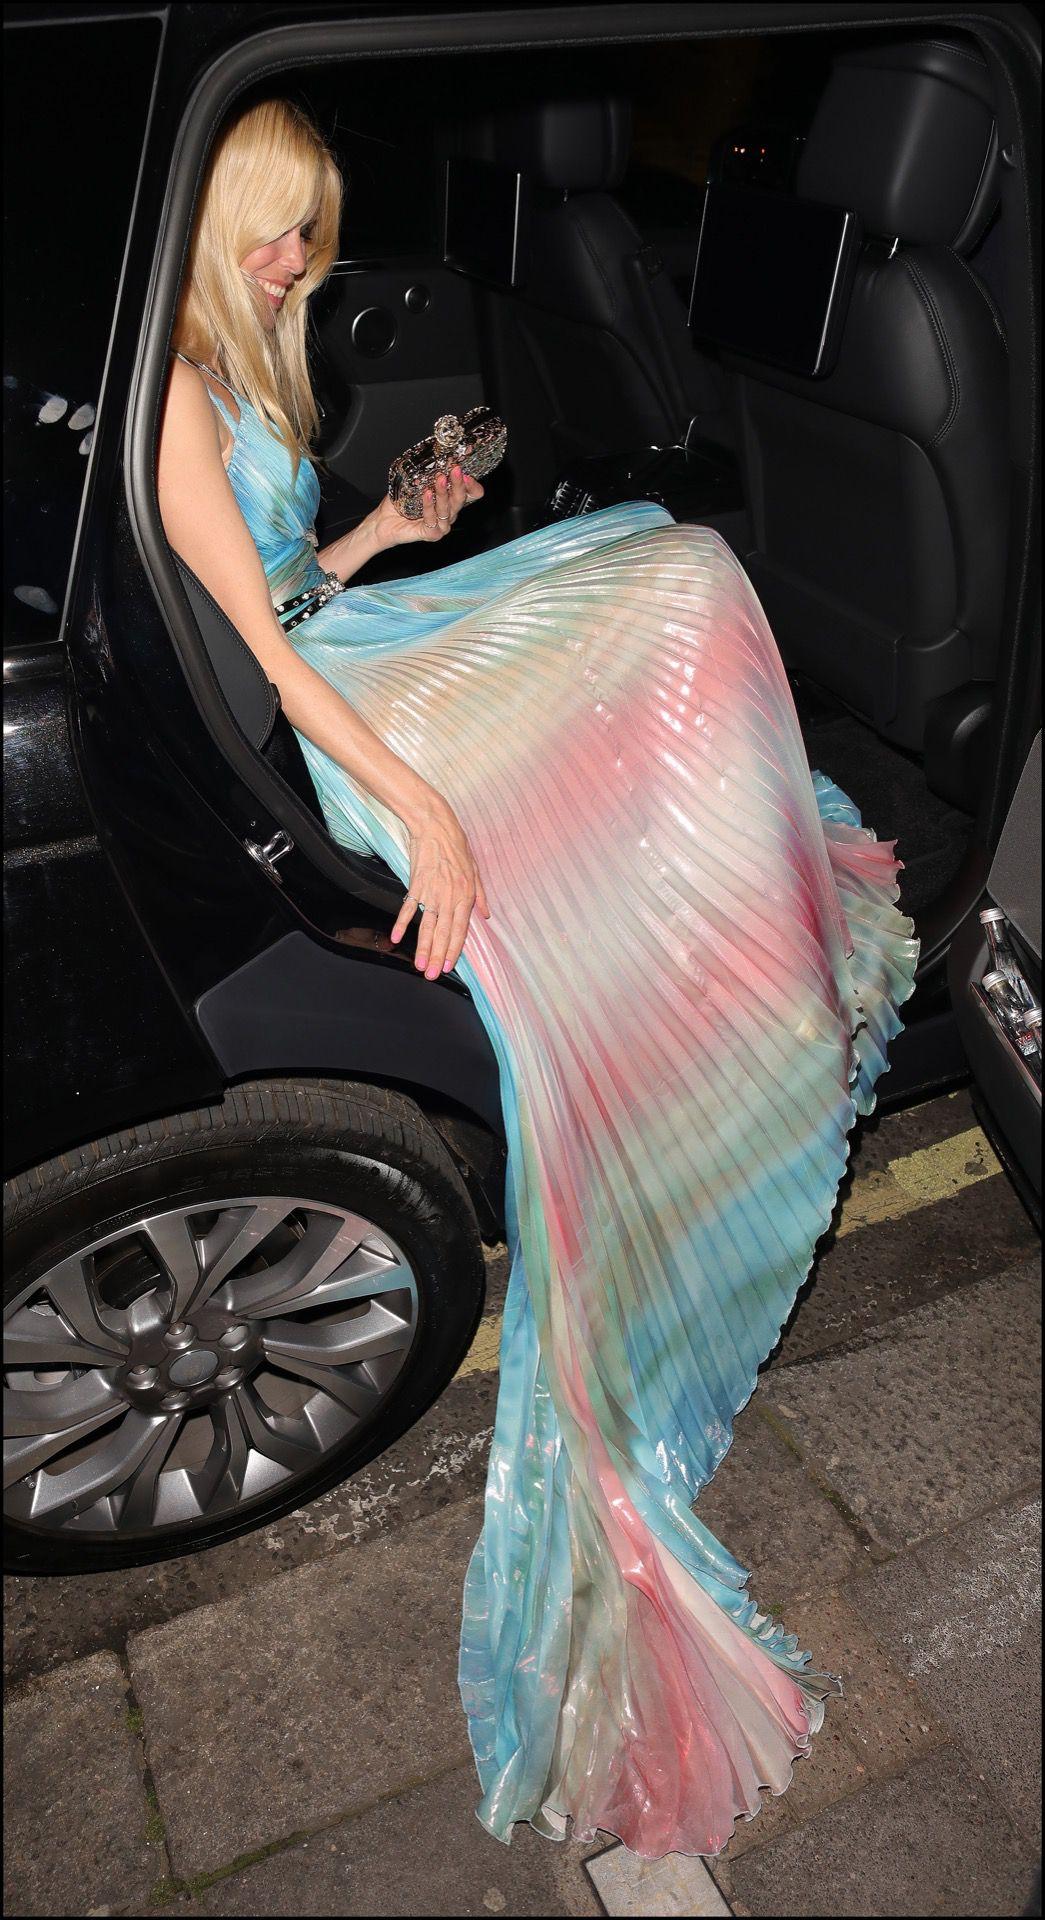 Bajando del auto como una lady.